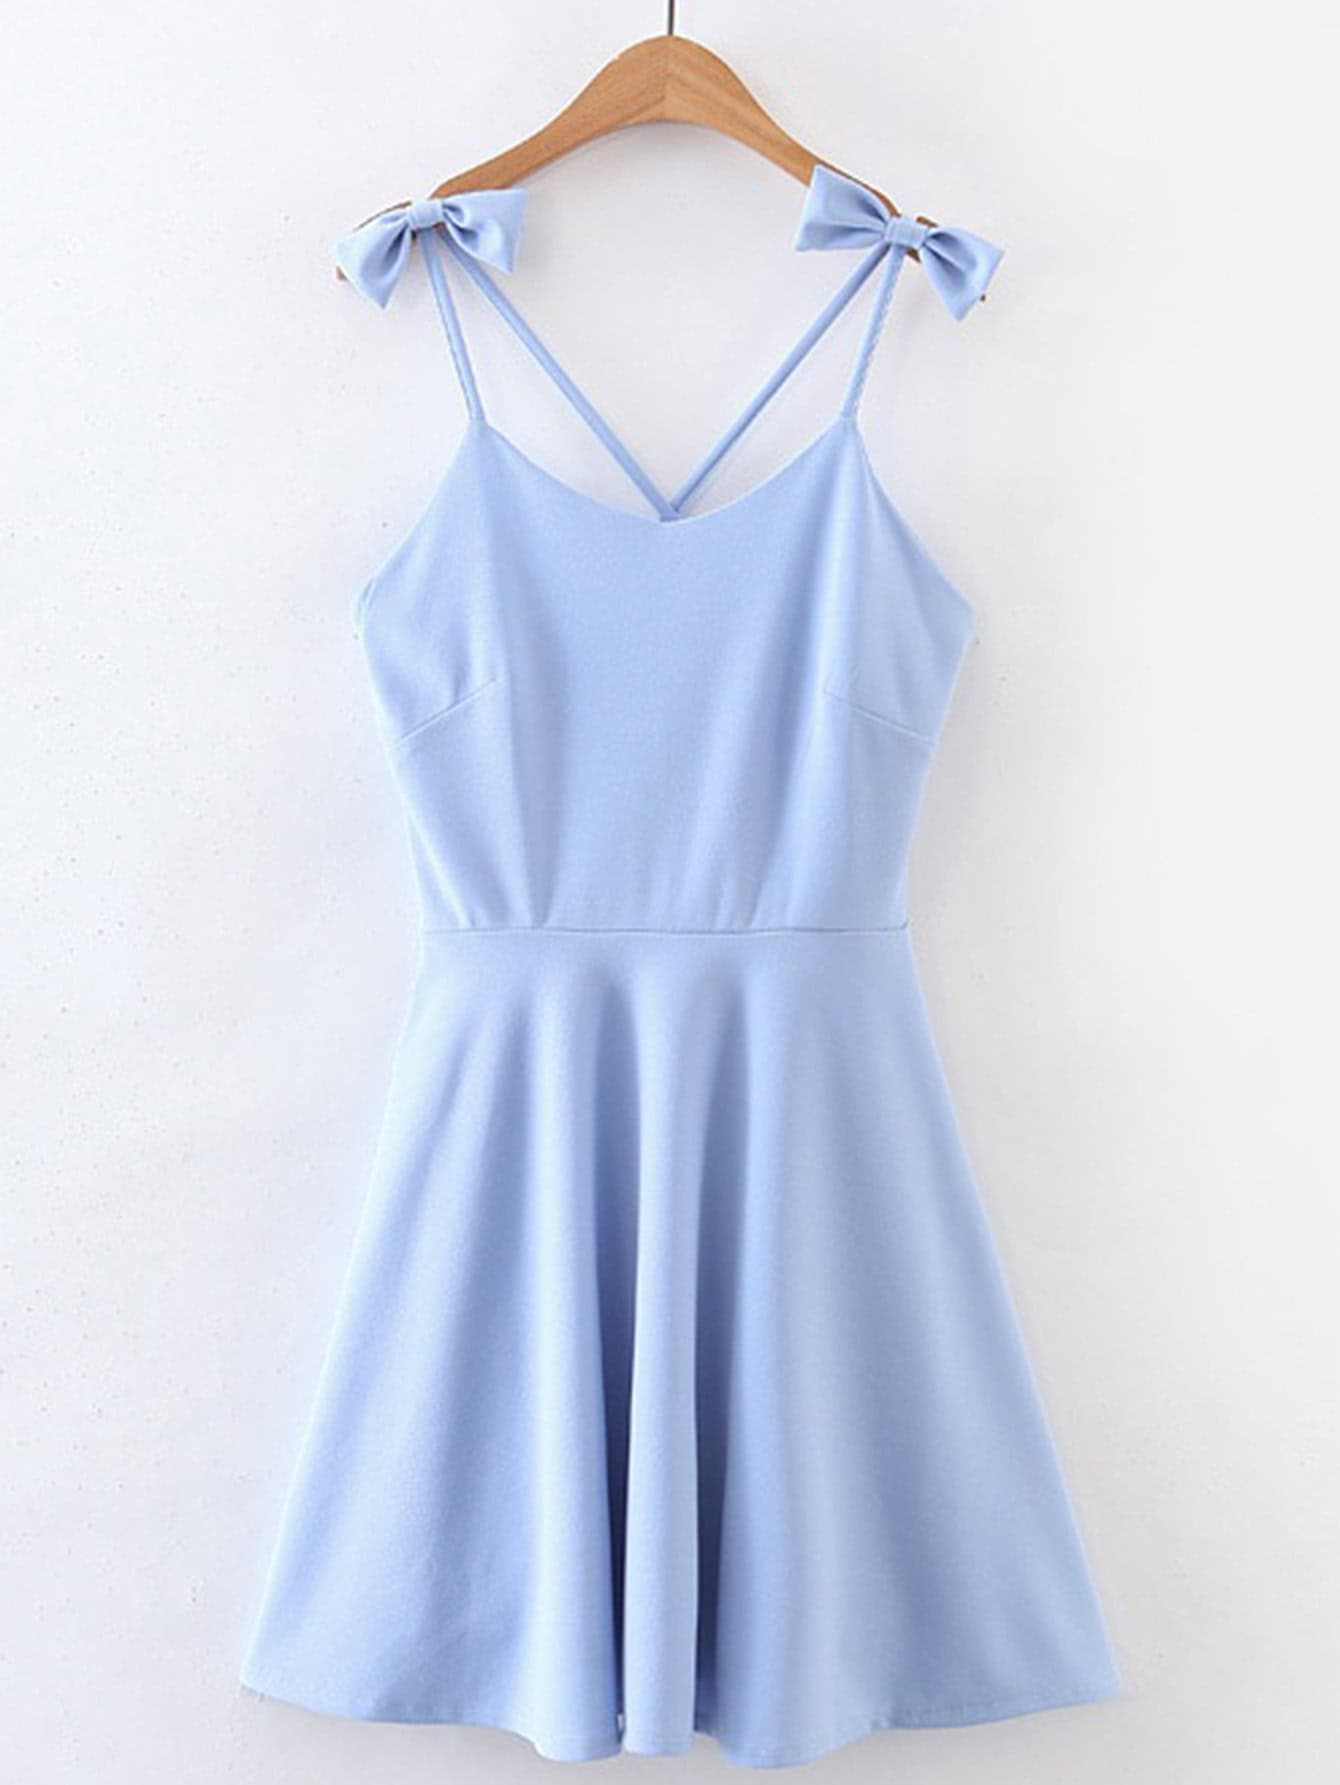 Short Sleeve Dress Shirts For Women